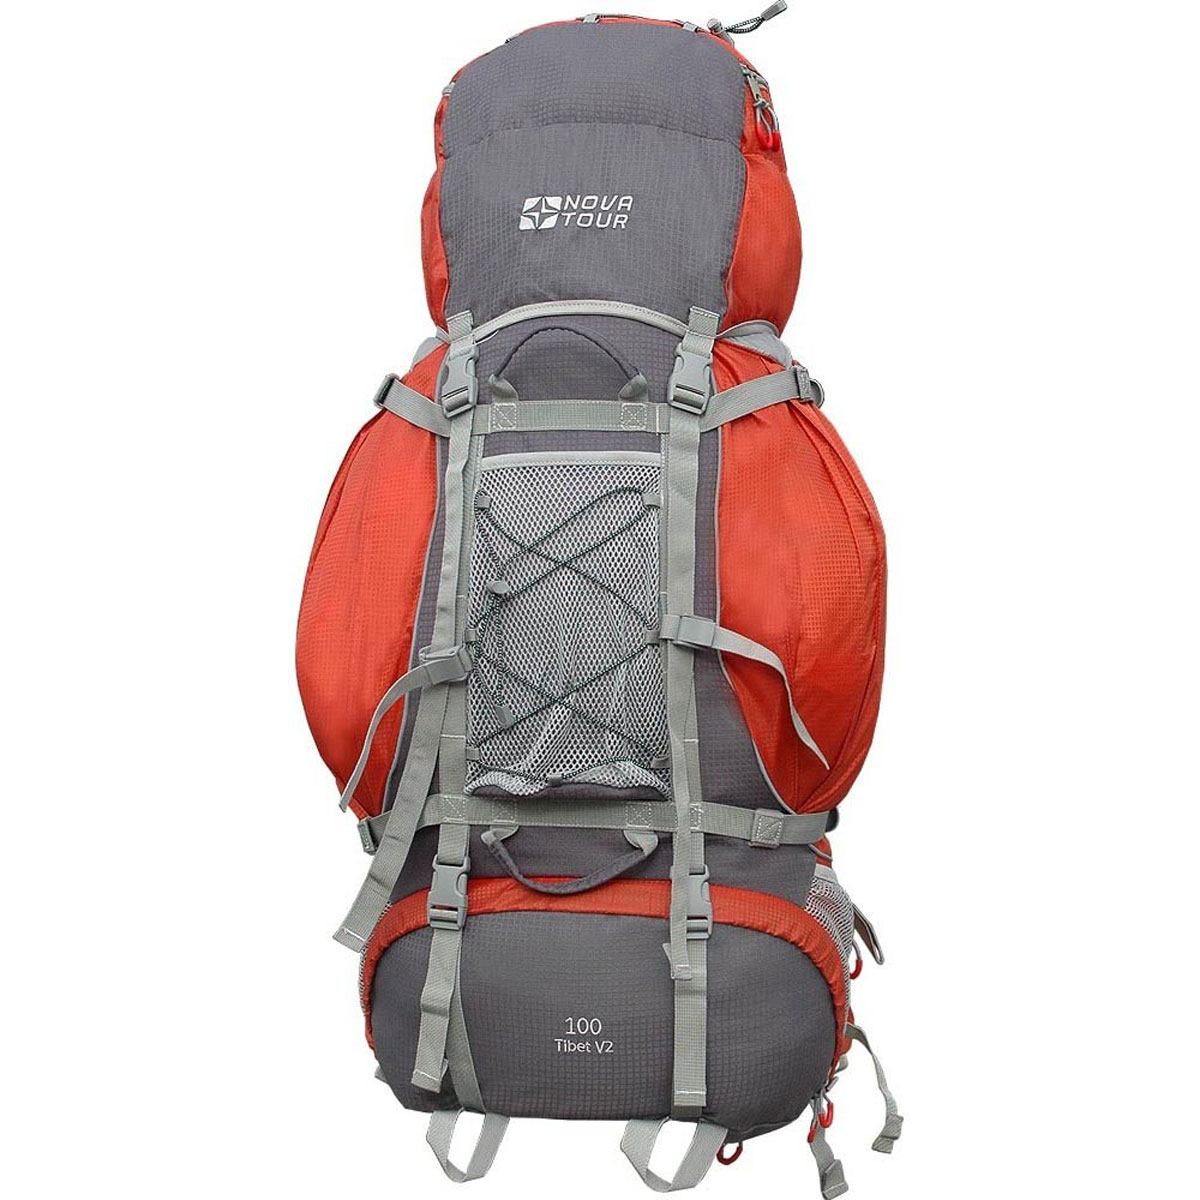 Рюкзак туристический Nova Tour  Тибет 100 V2 , цвет: серый, терракотовый. 11193-258-00 - Туристические рюкзаки